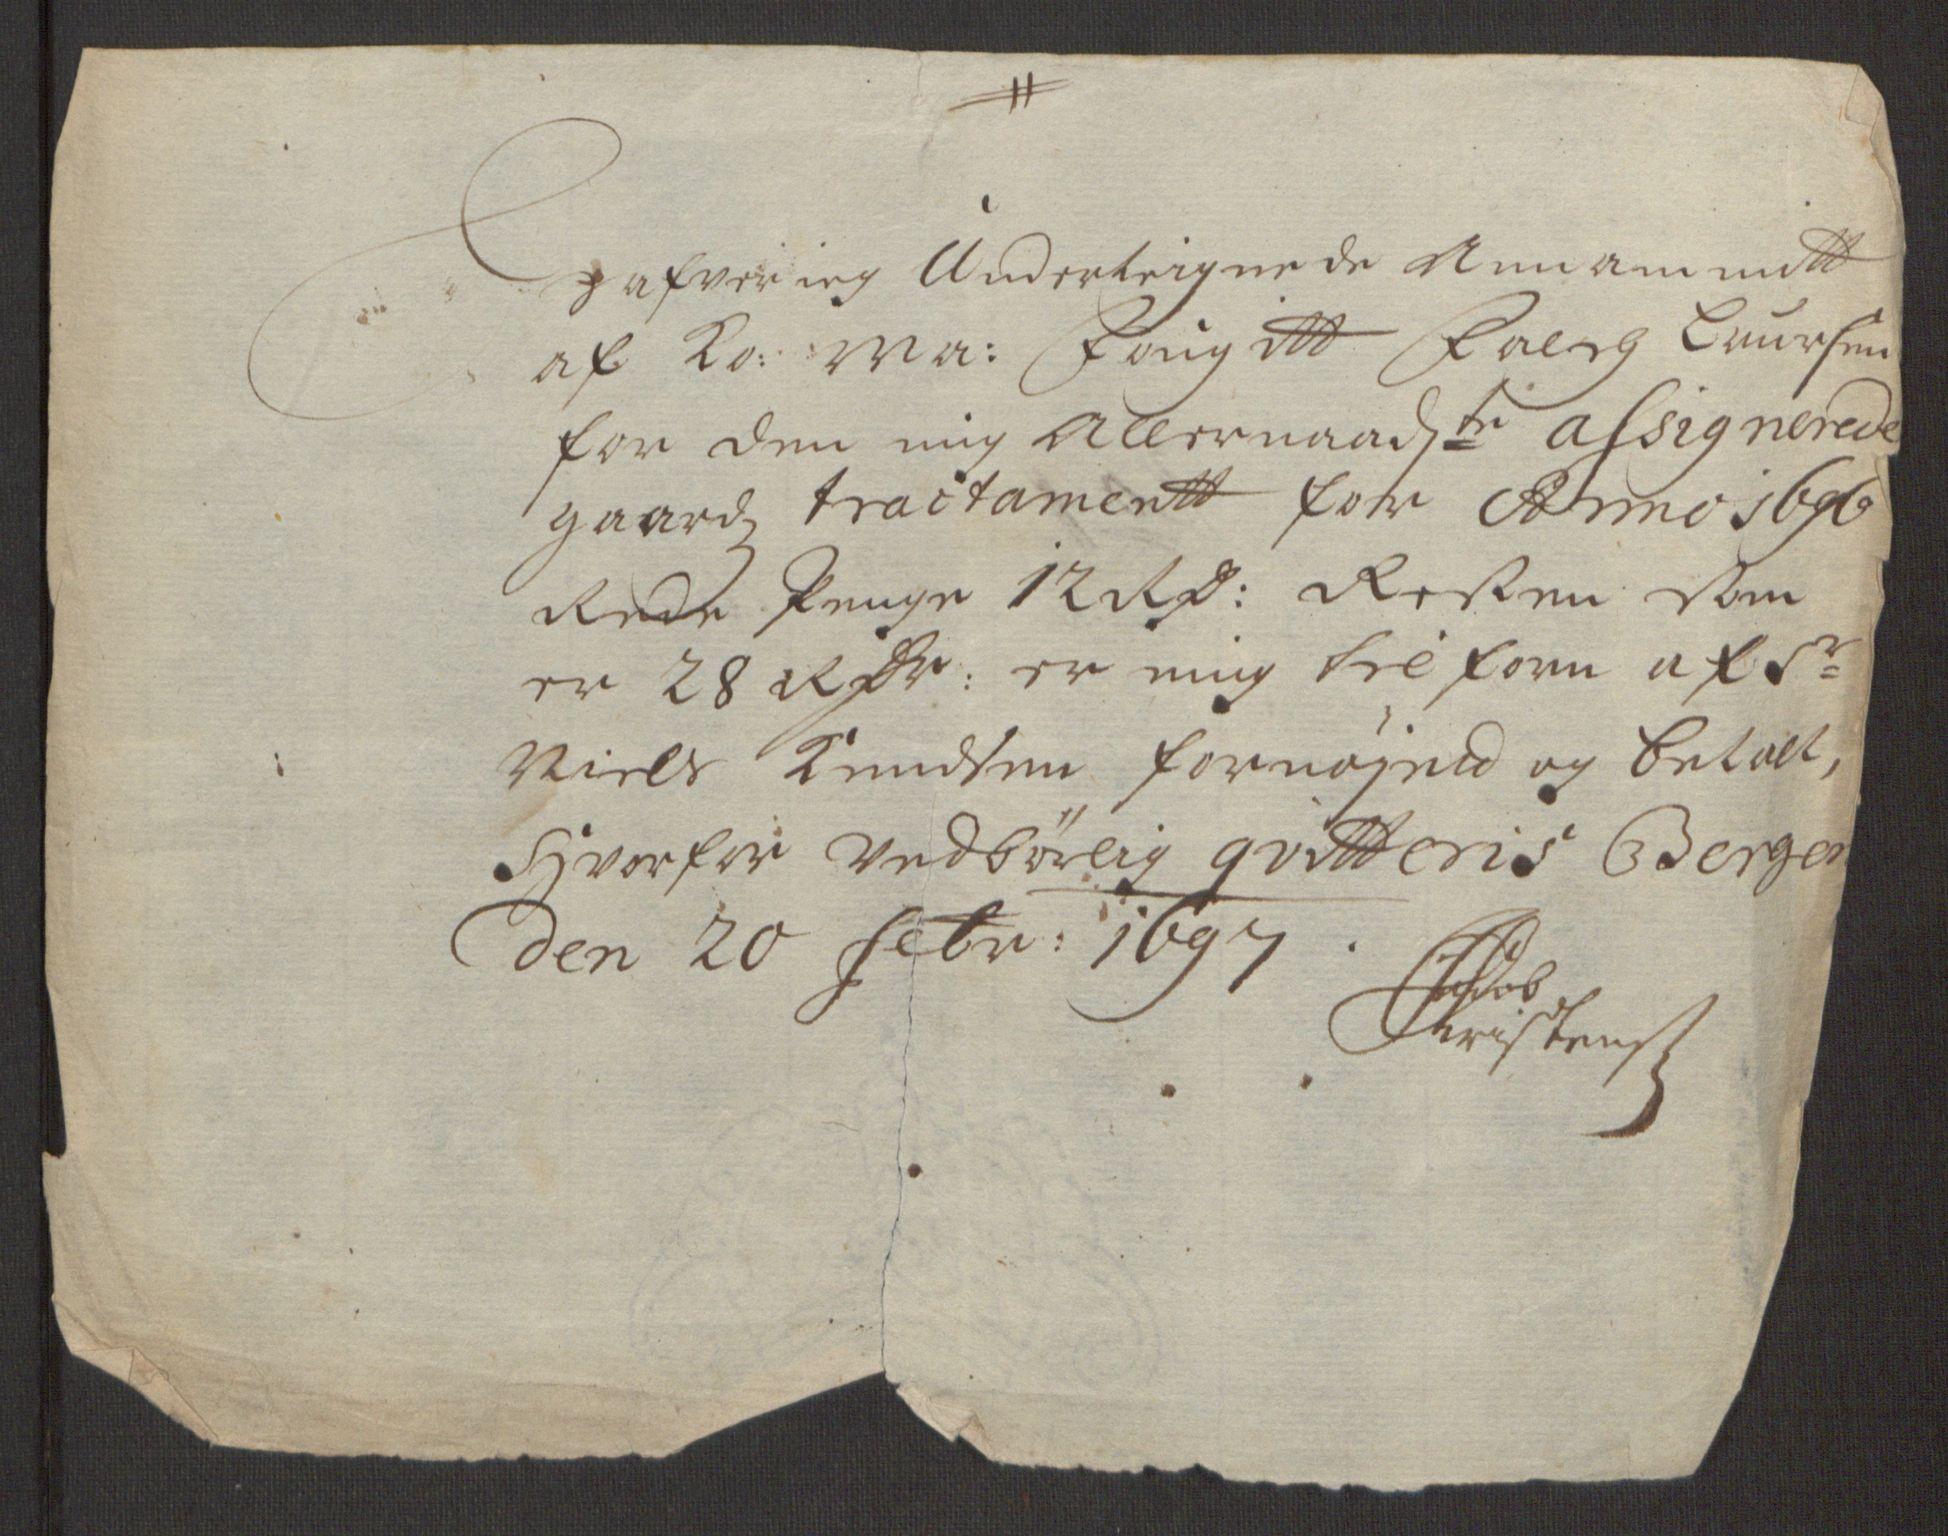 RA, Rentekammeret inntil 1814, Reviderte regnskaper, Fogderegnskap, R48/L2976: Fogderegnskap Sunnhordland og Hardanger, 1695-1696, s. 474